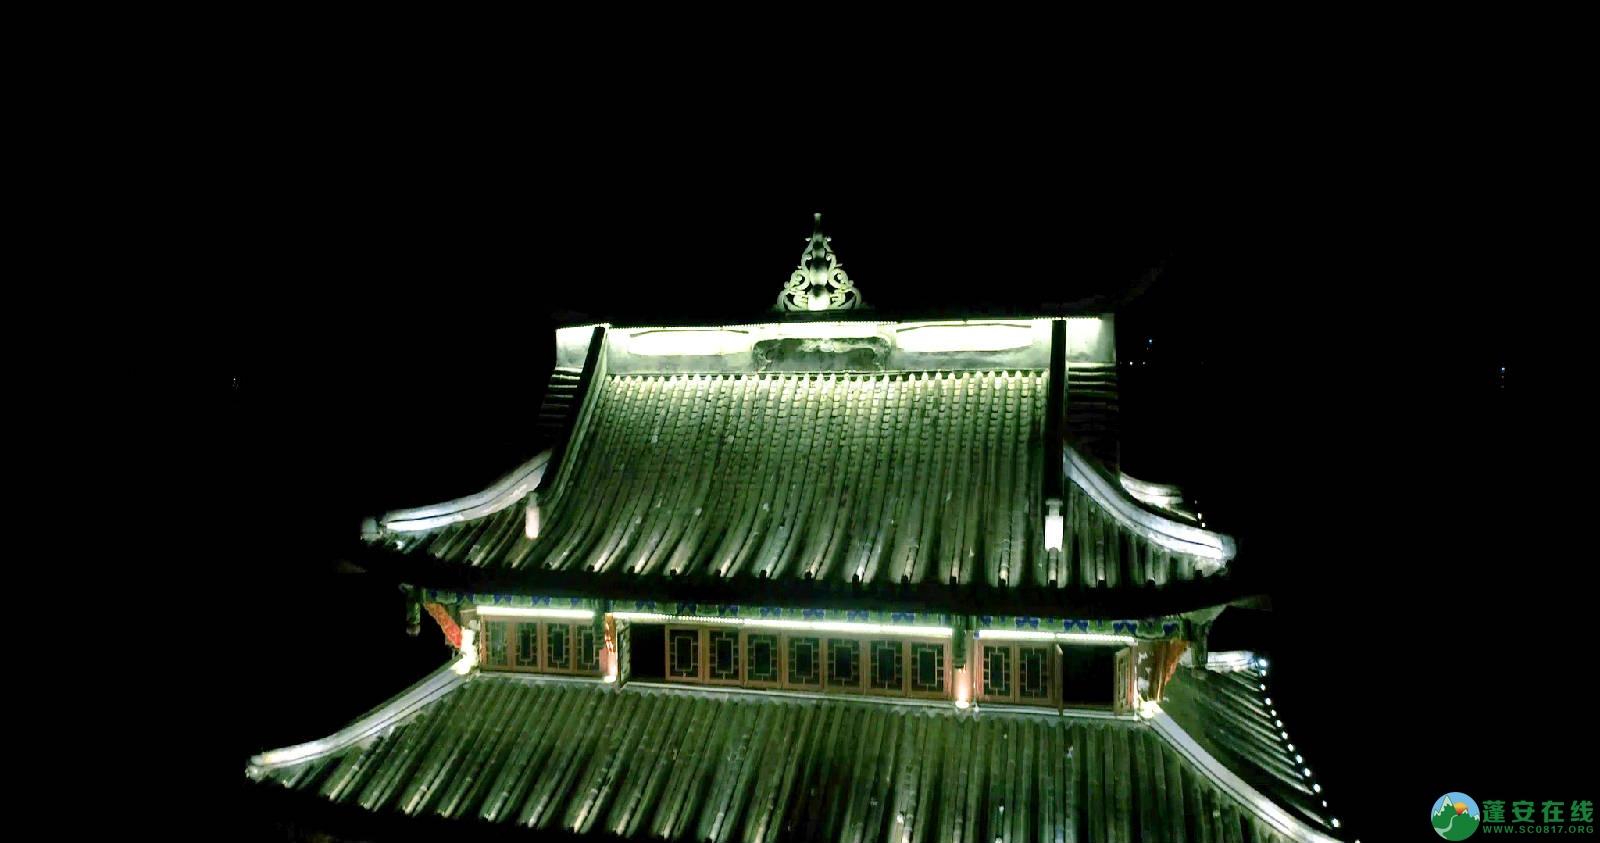 临近春节的蓬安夜色 - 第4张  | 蓬安在线